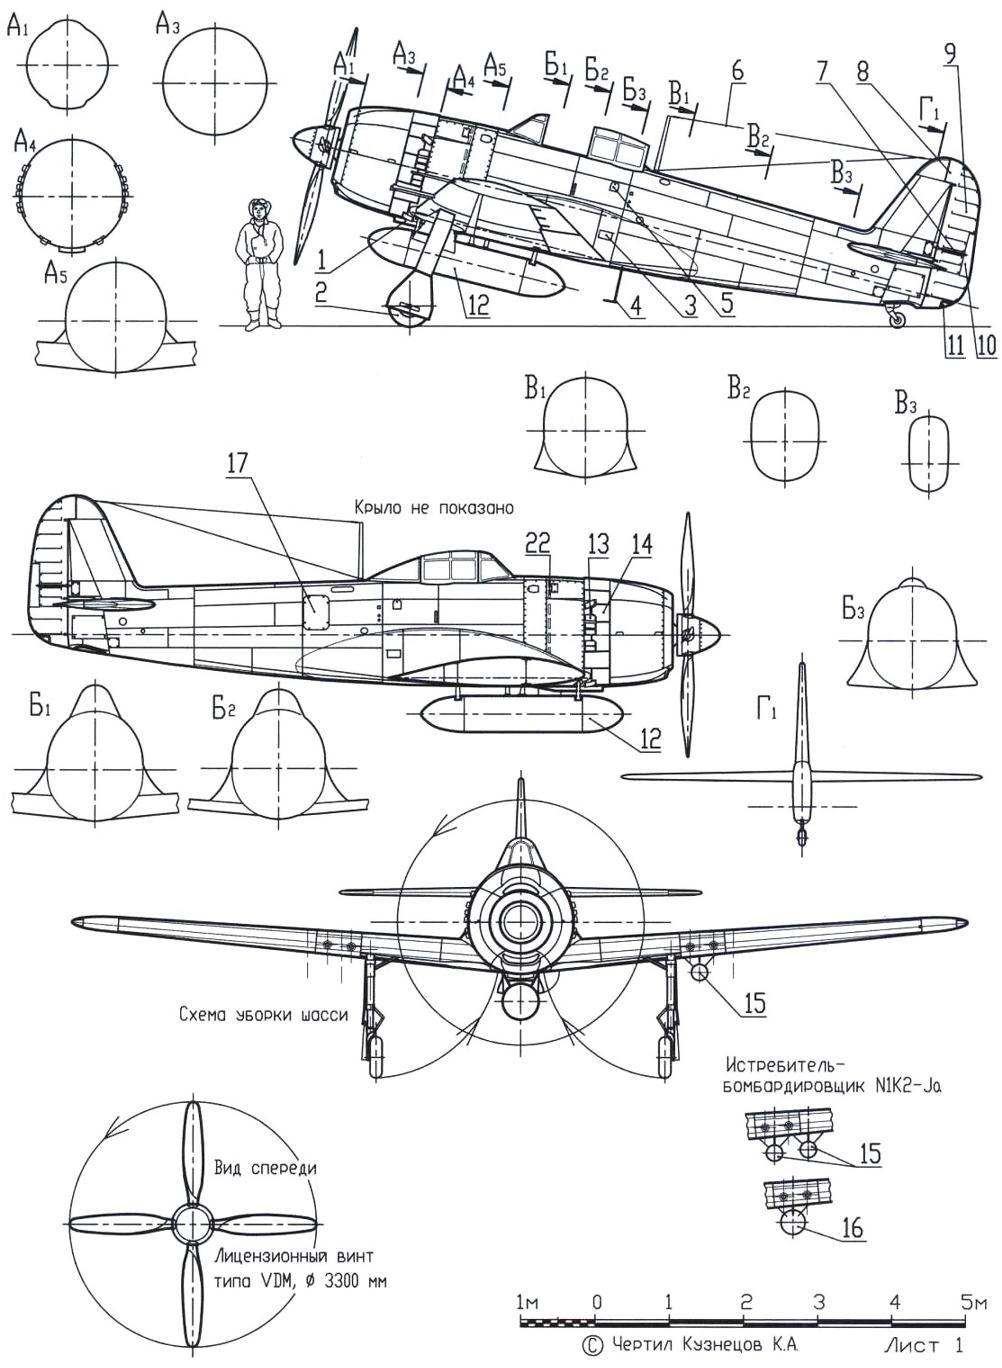 Самолет N1K2-J